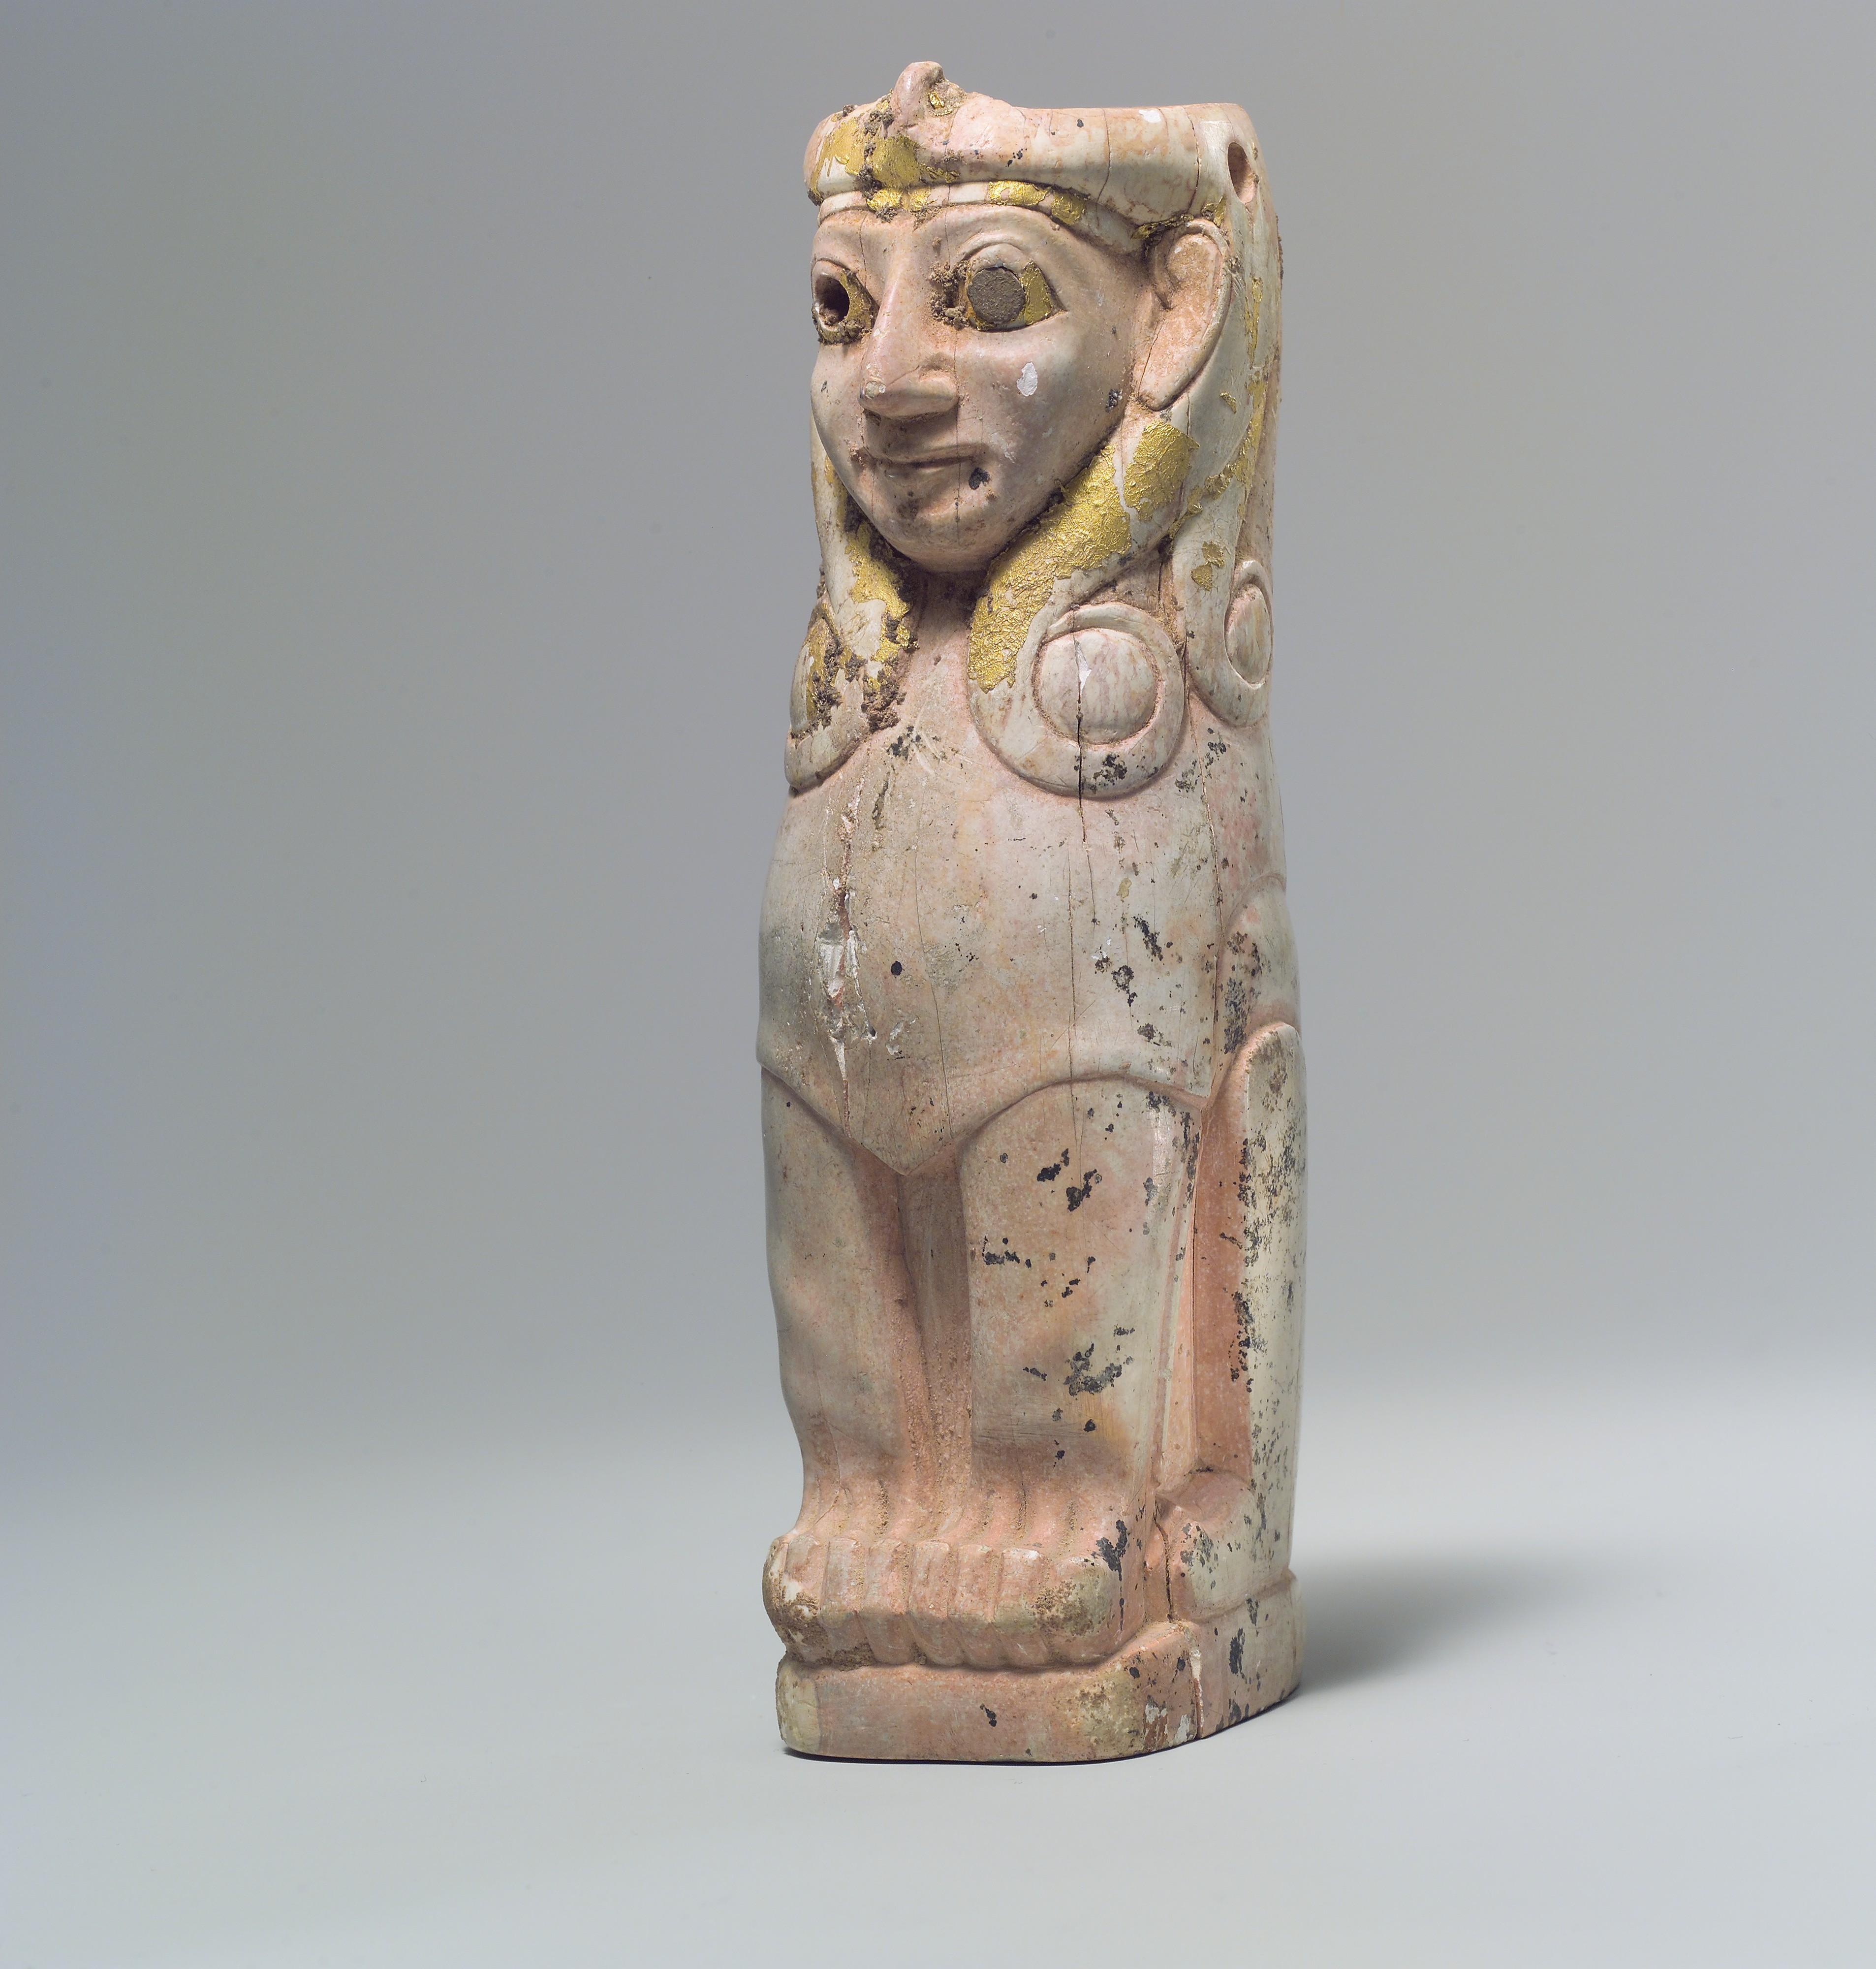 تطور الفن ترافق مع تغير النظرة تجاه الآلهة